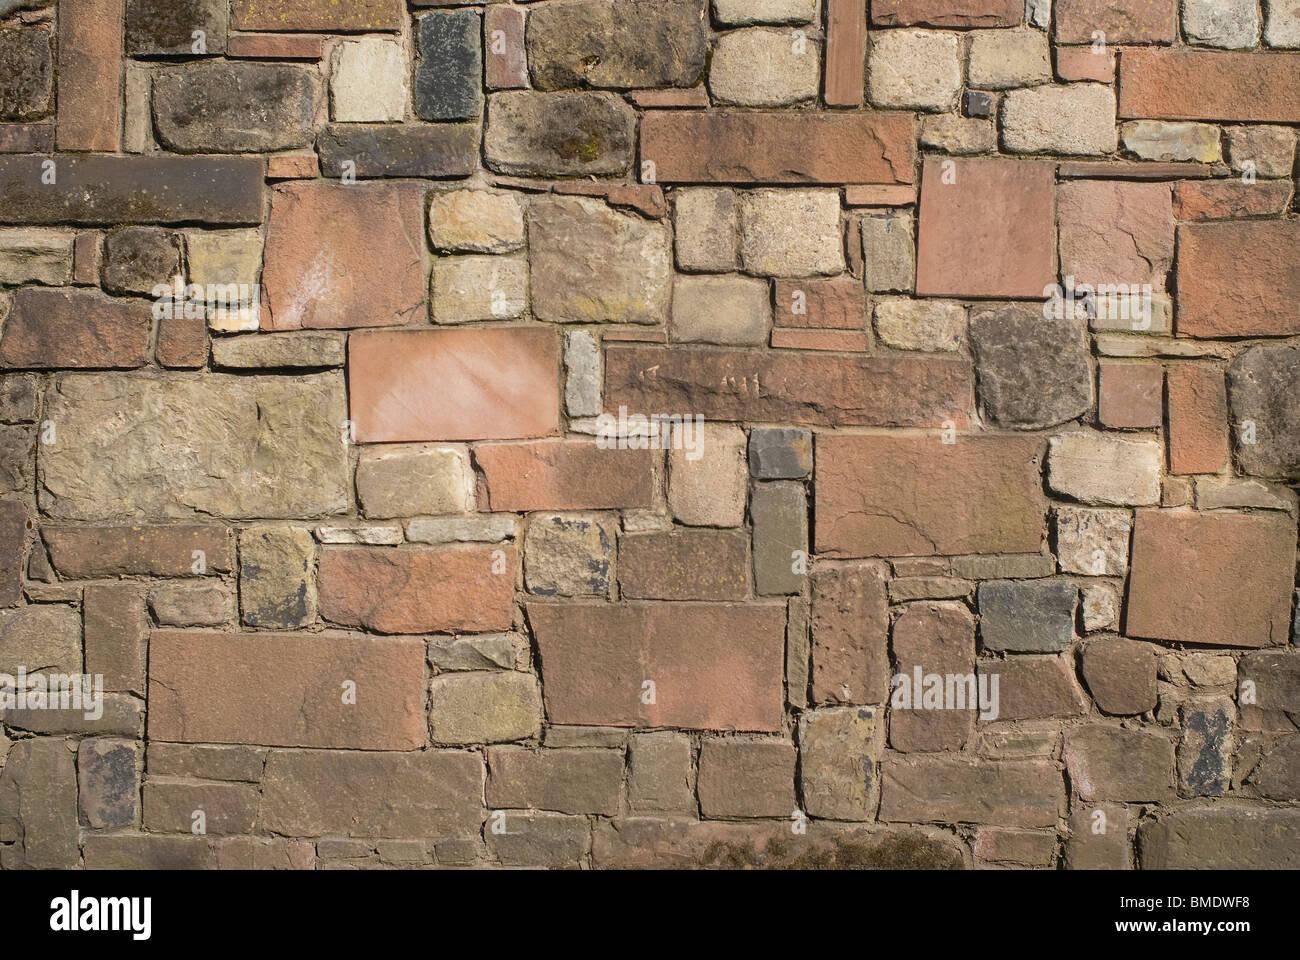 Una sólida pared de piedra caliza y arenisca de granito. Imagen De Stock